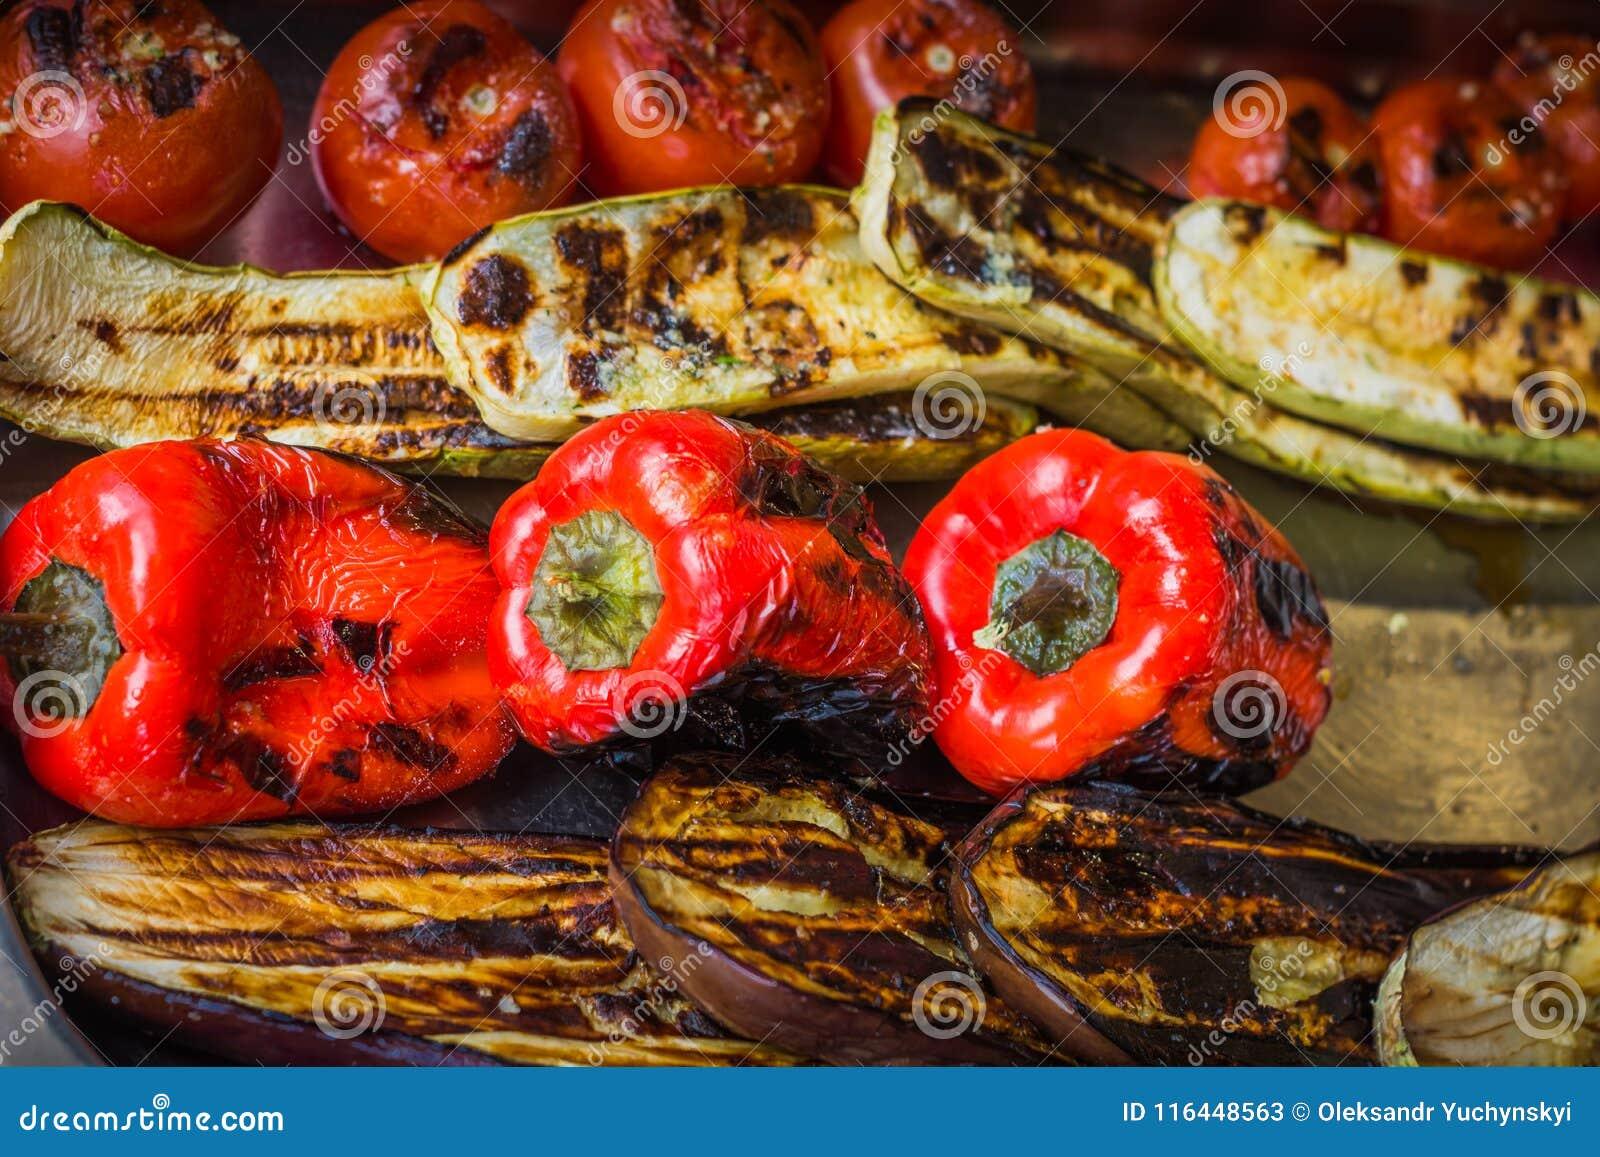 Peppar, aubergine, tomater och zucchini som grillas och bränns litet